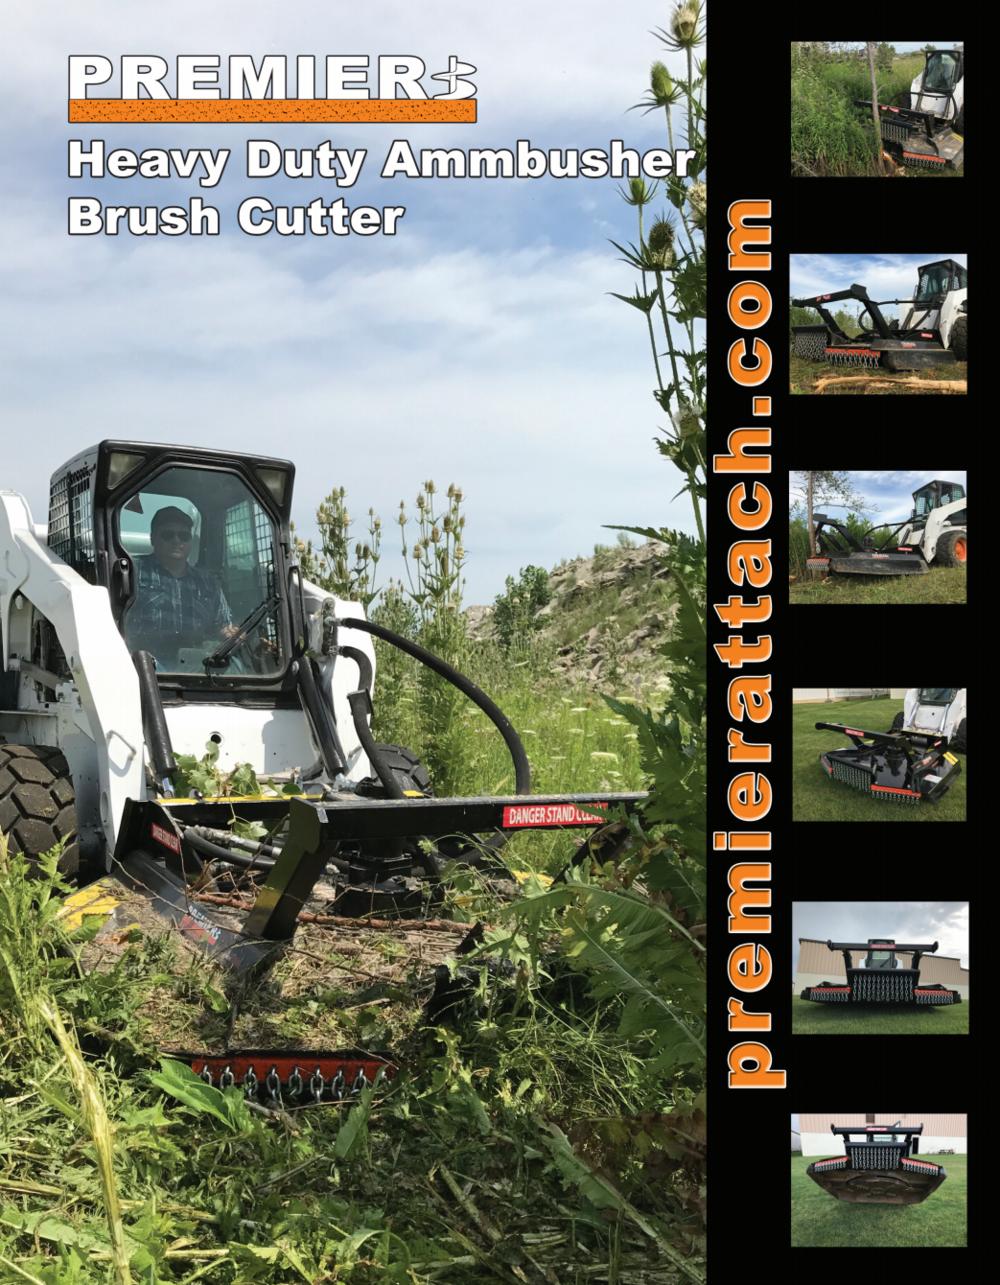 Heavy Duty Ammbusher Cutter Brochure